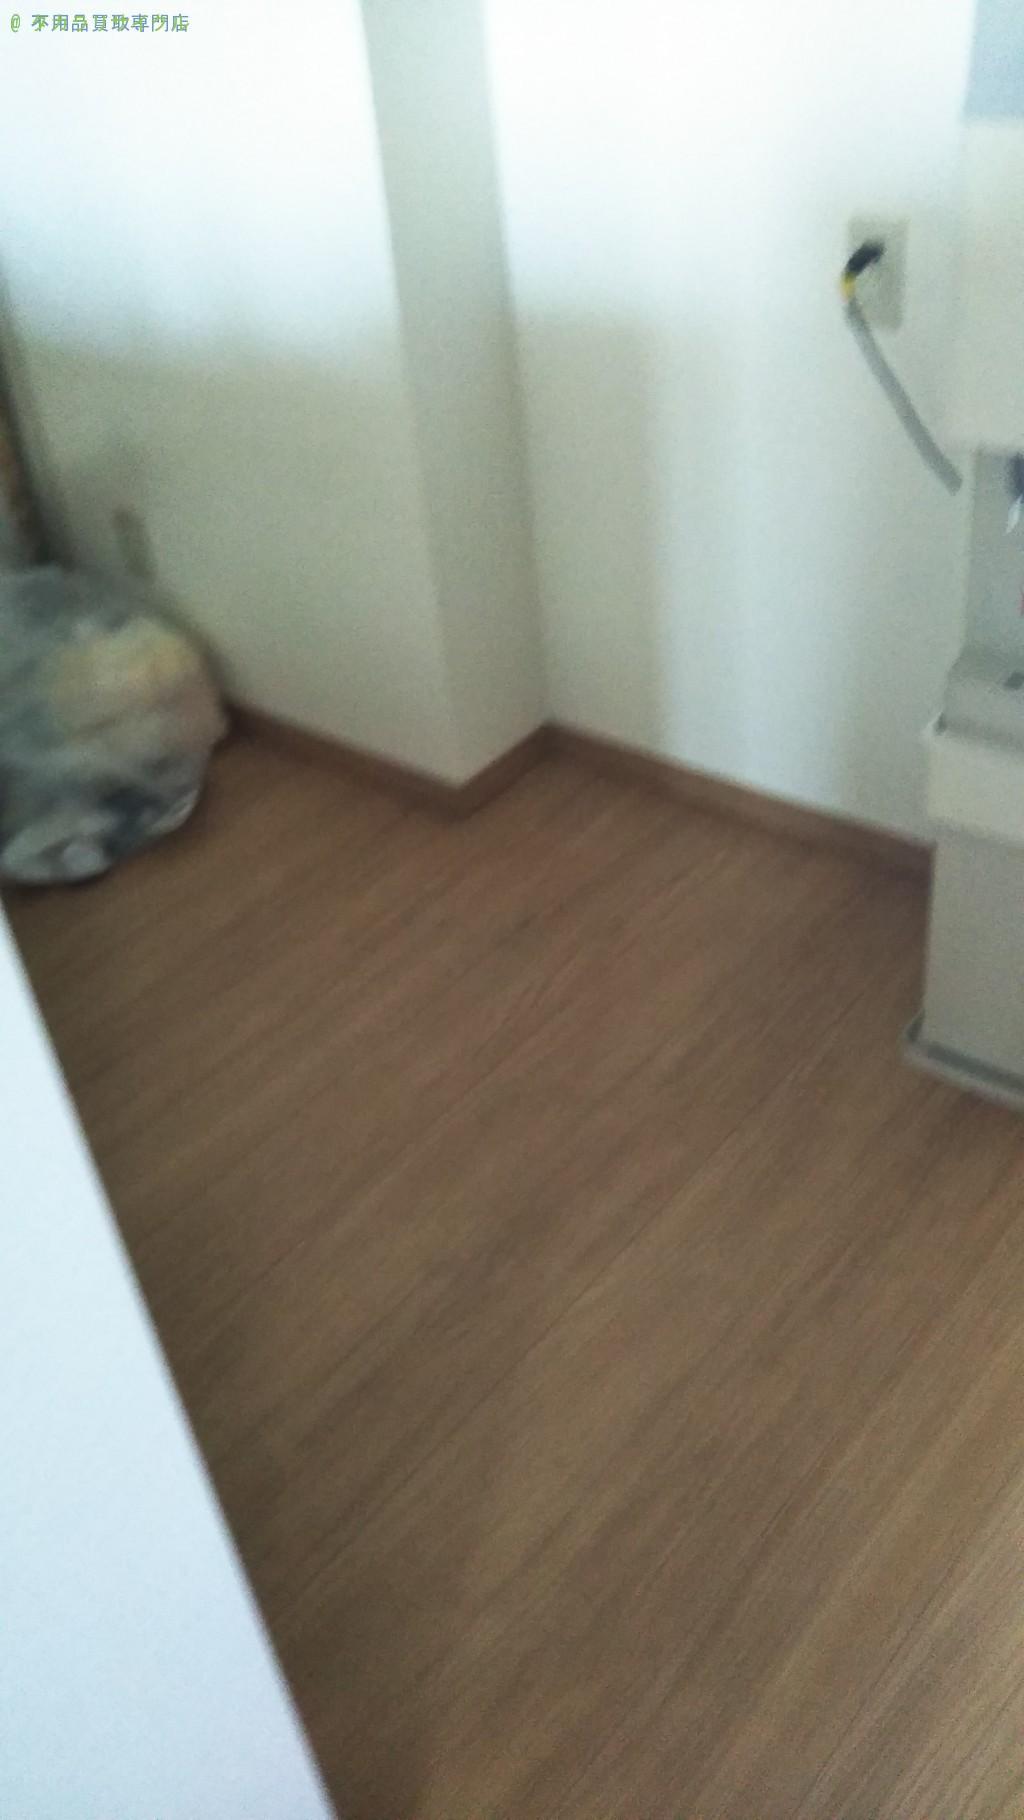 【徳島市】冷蔵庫ほか家具家電の買取・回収のご依頼者さま